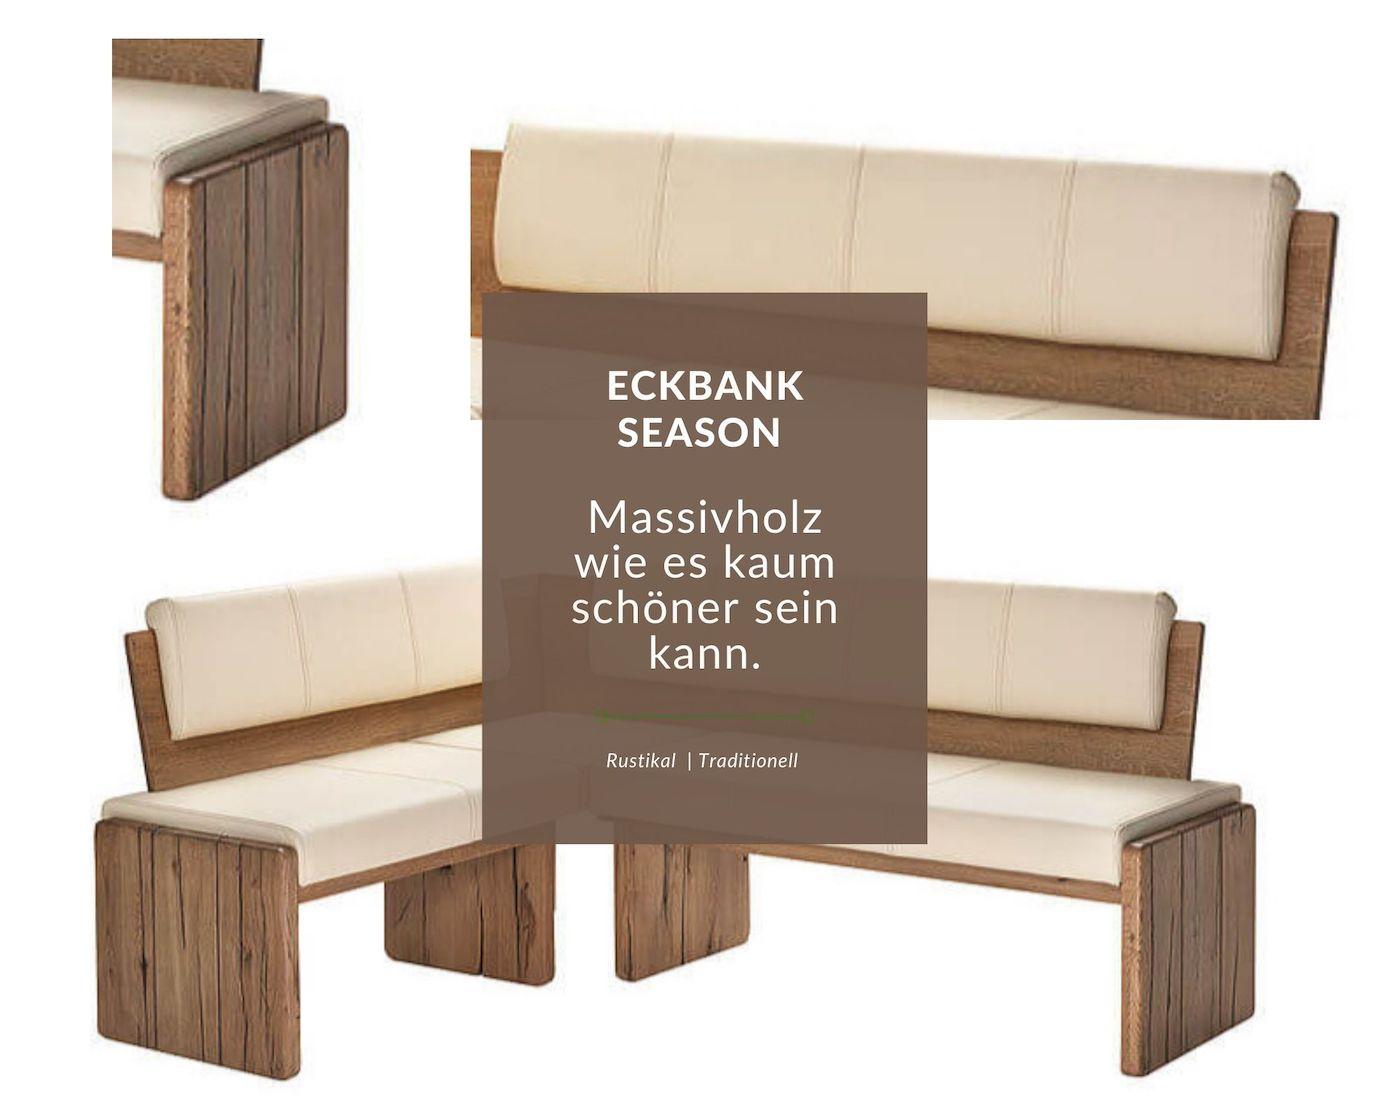 rustikale massivholz eckbank nach maß mit iltalienischen echtleder polsterung